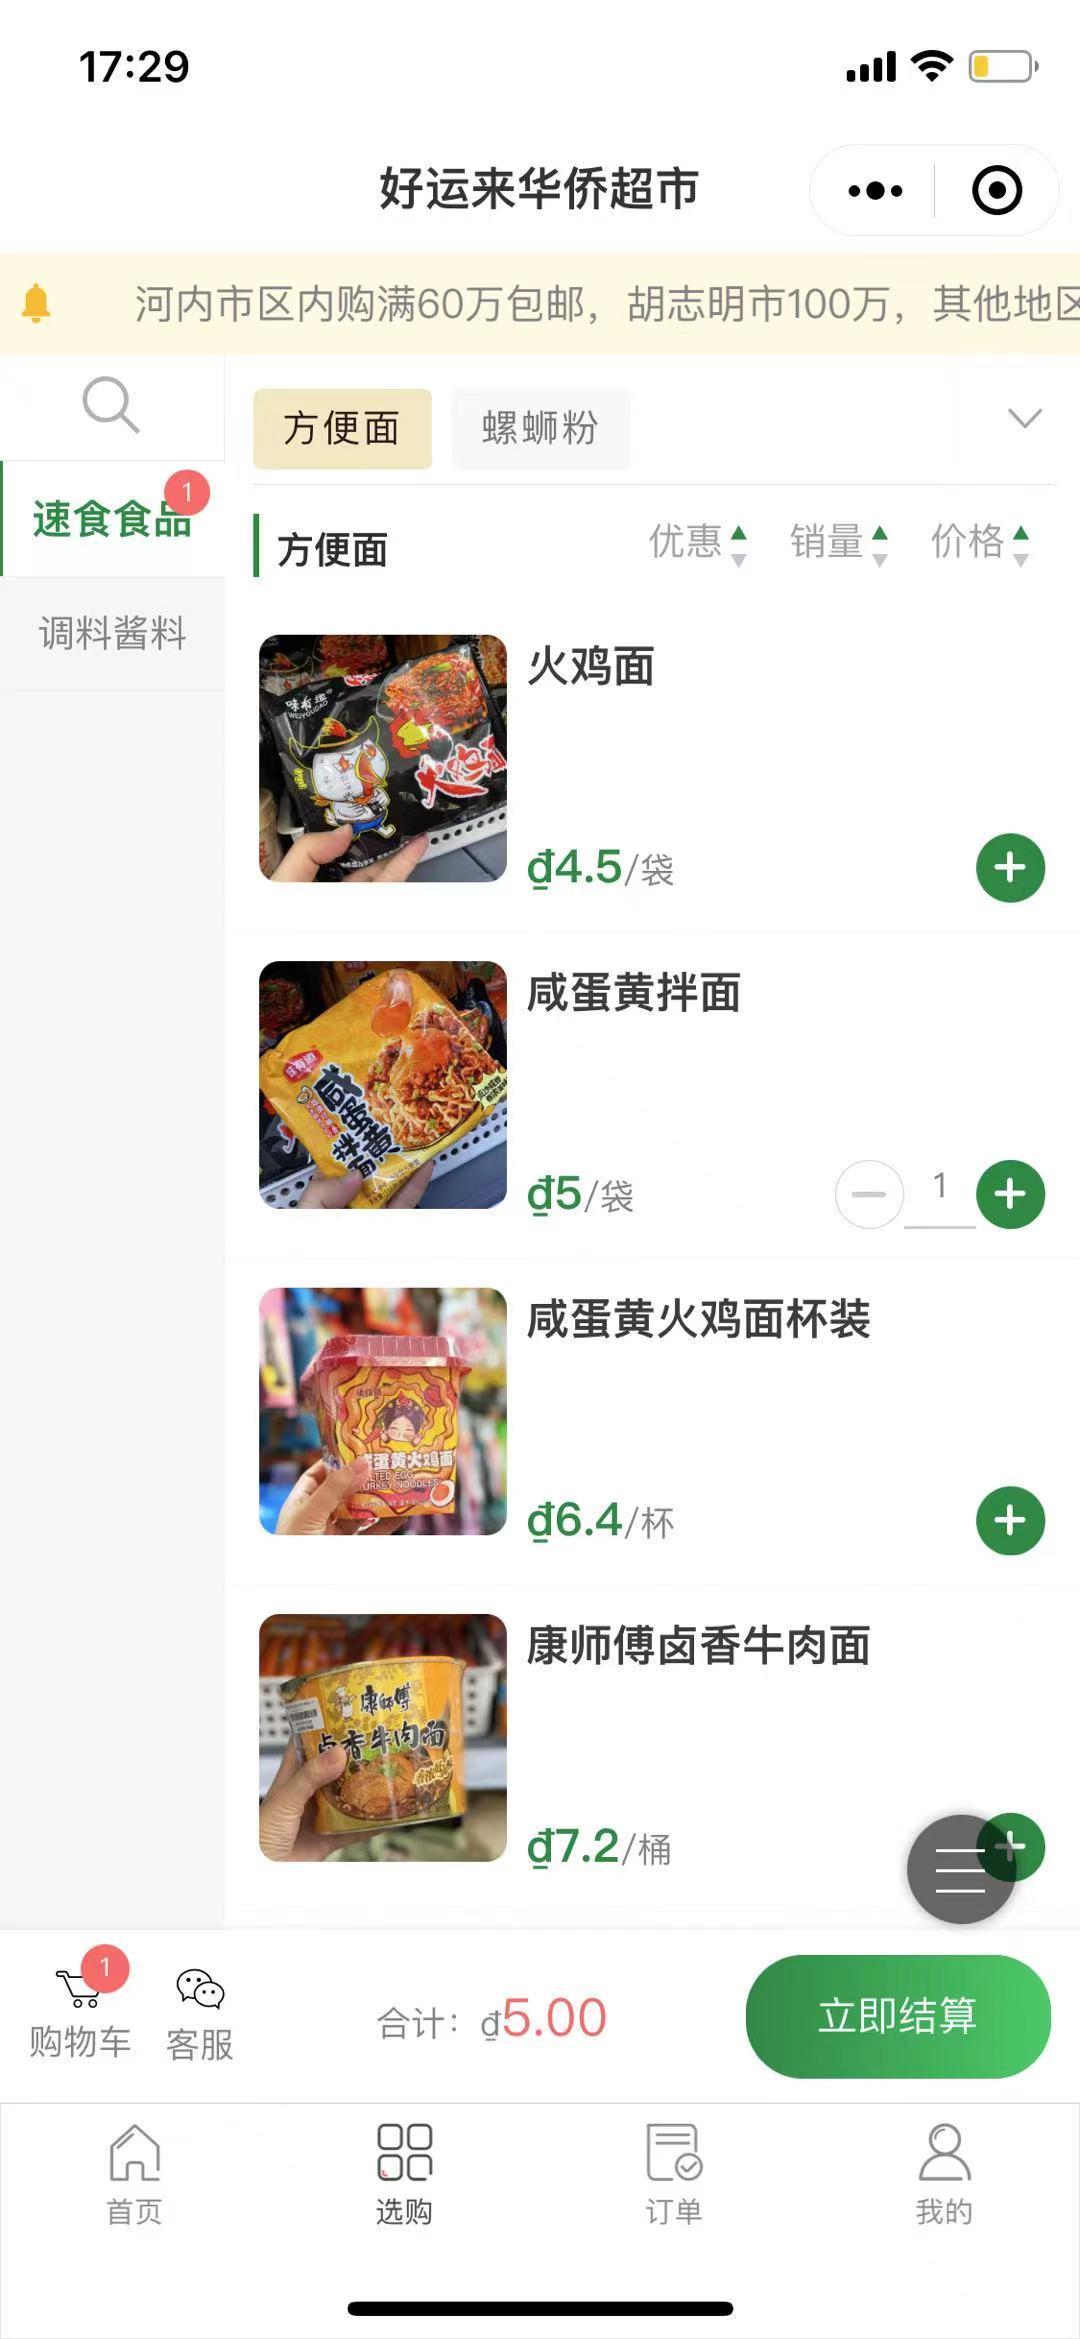 好运来华侨超市商家效果截图